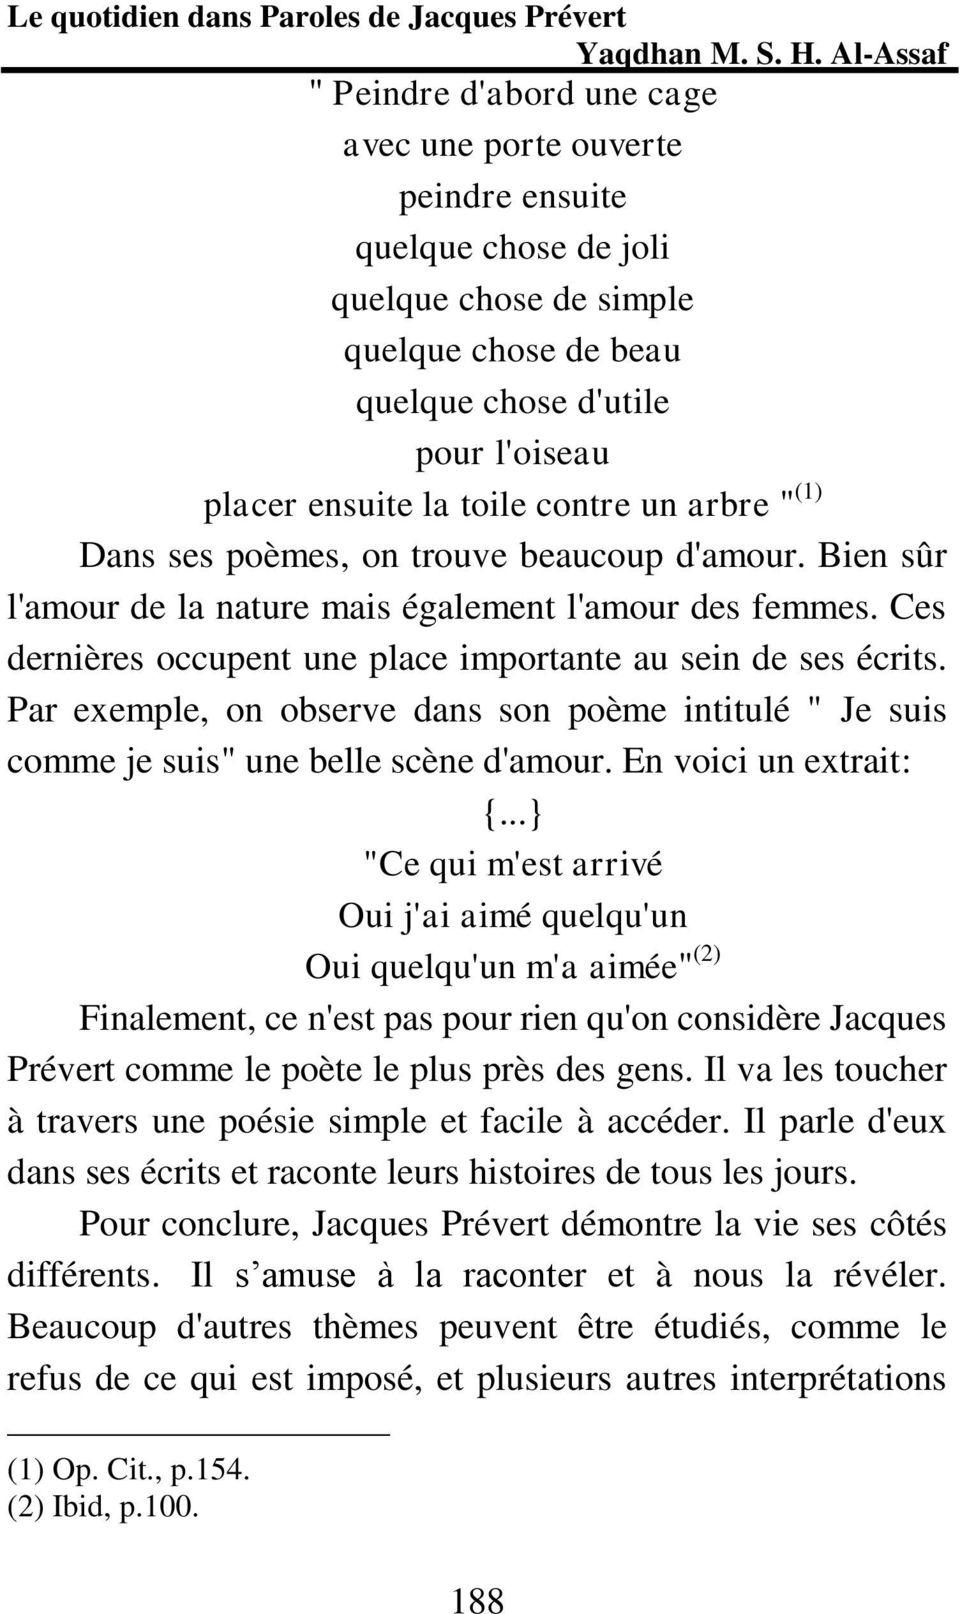 Le Quotidien Dans Paroles De Jacques Prévert - Pdf Free Download serapportantà Poeme De Jacque Prevert